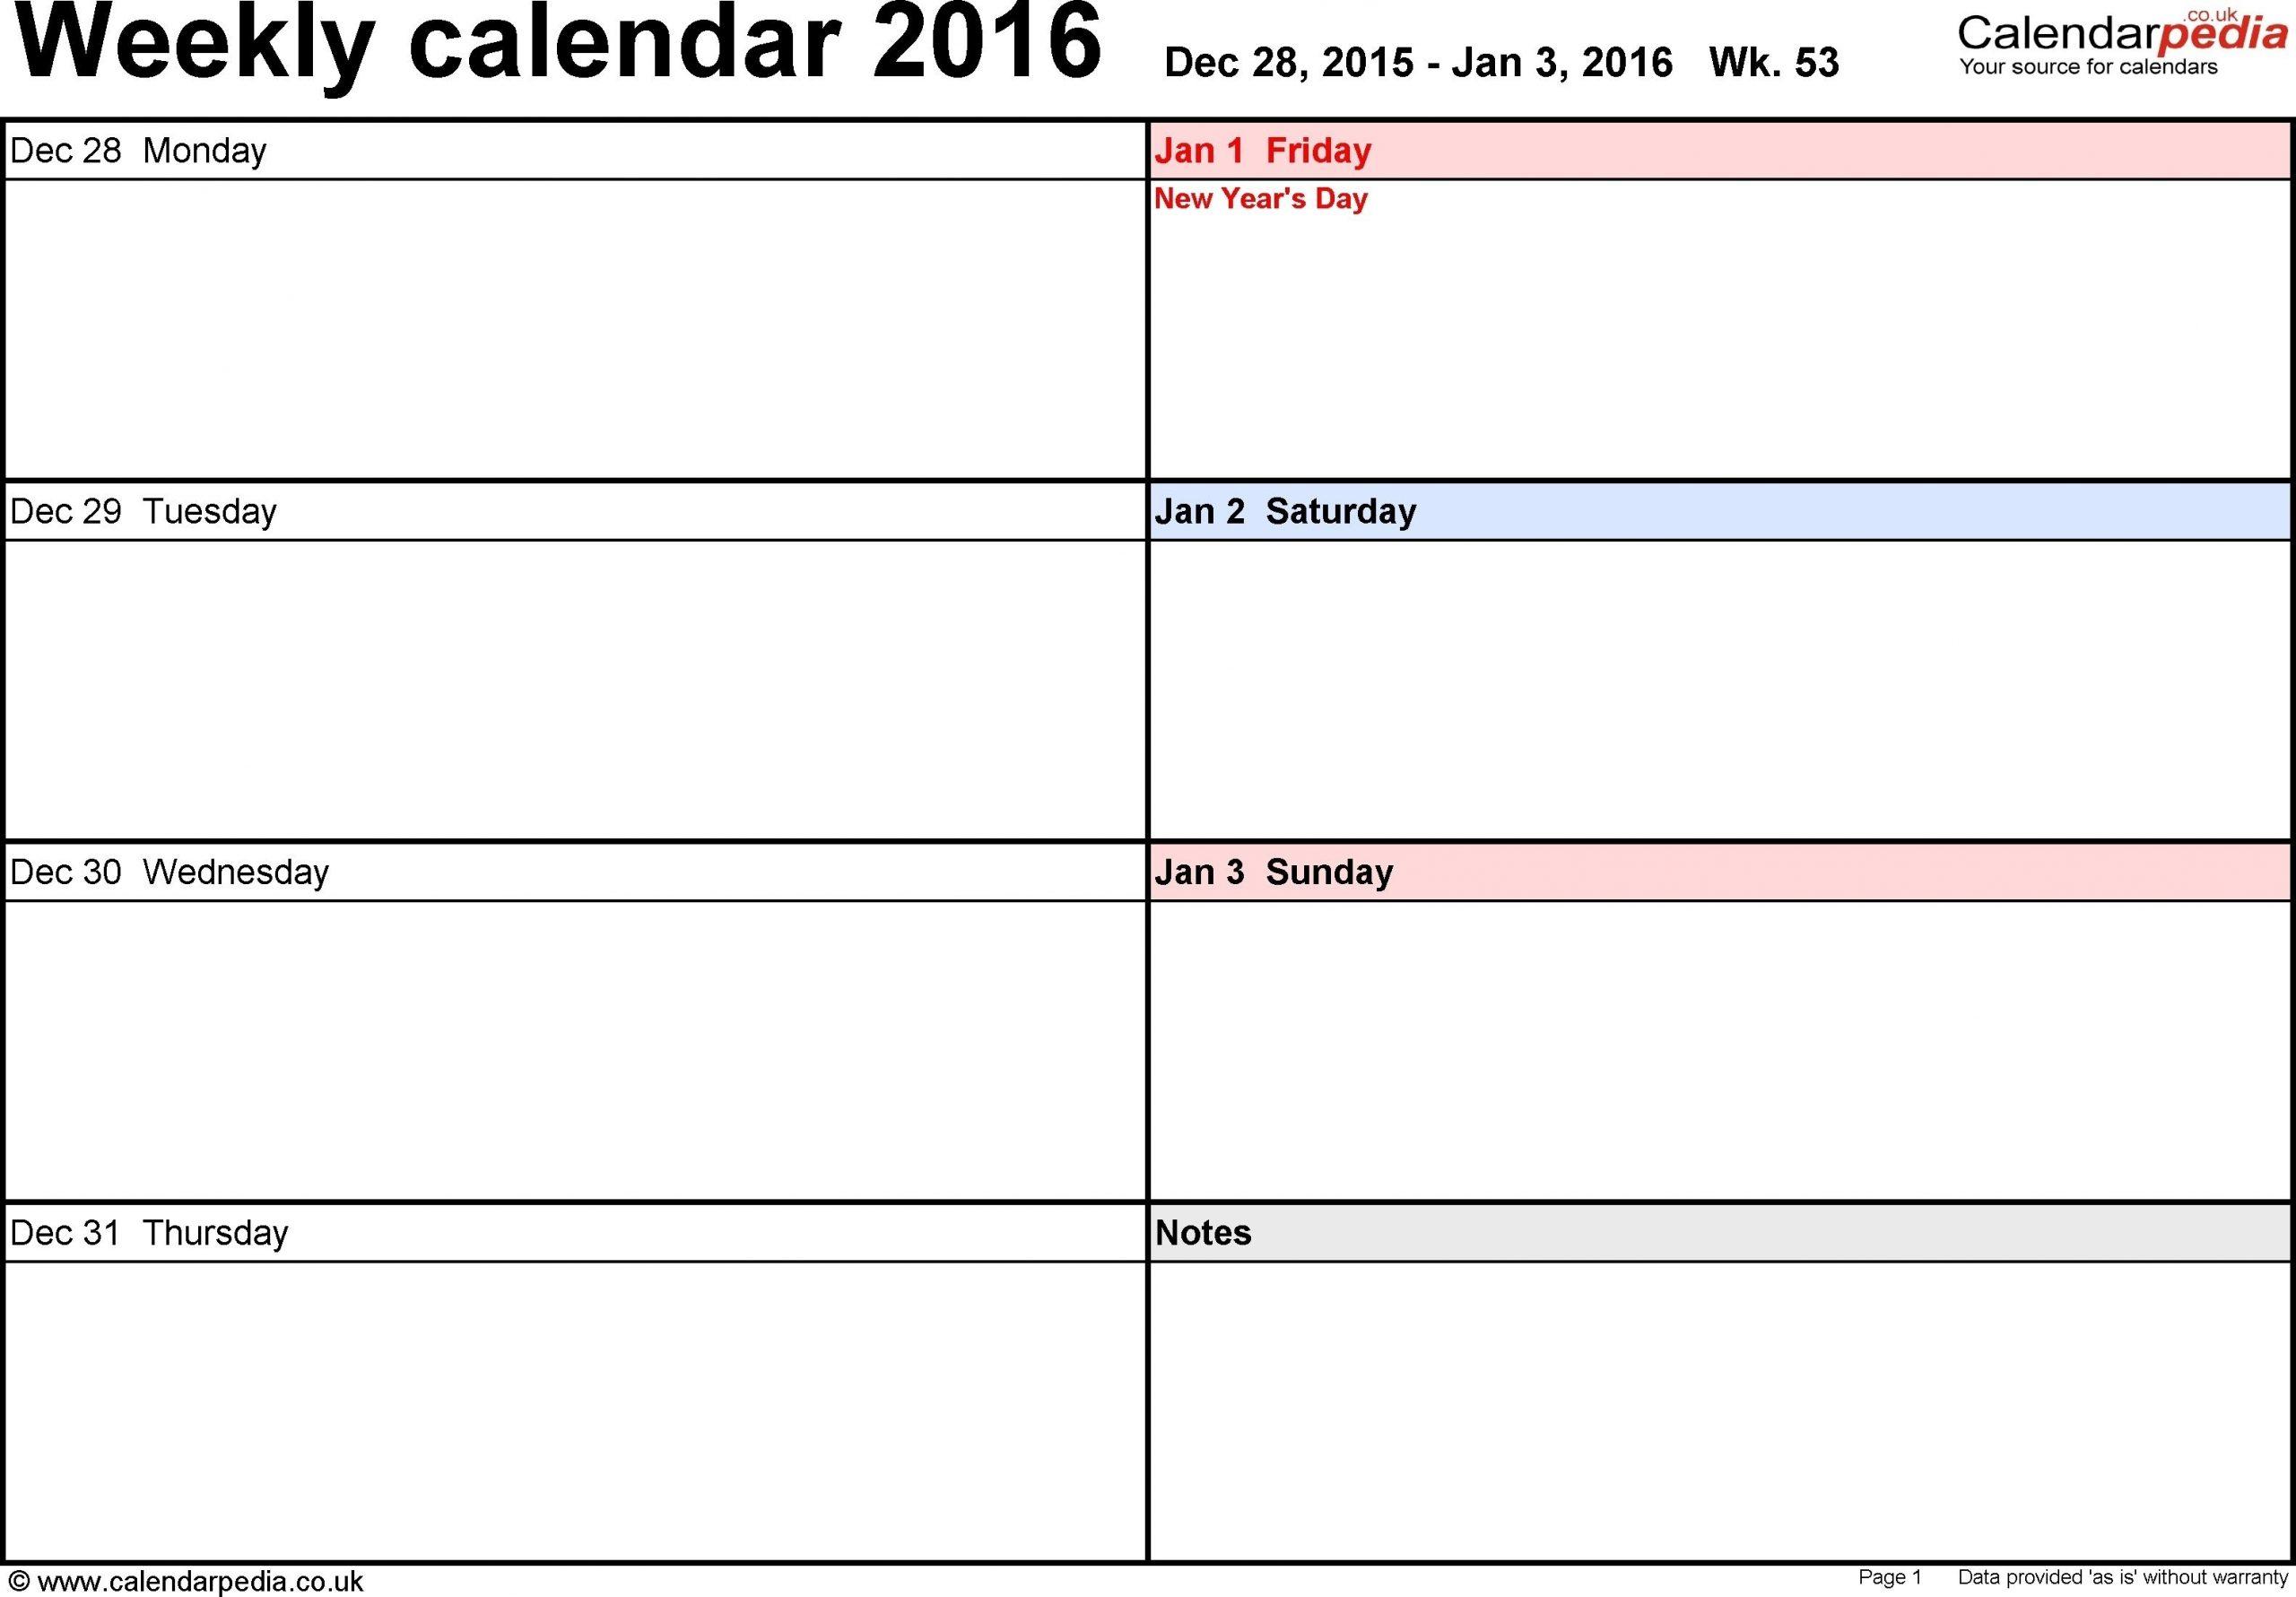 Calendar Template 1 Week In 2020 | Weekly Planner Template